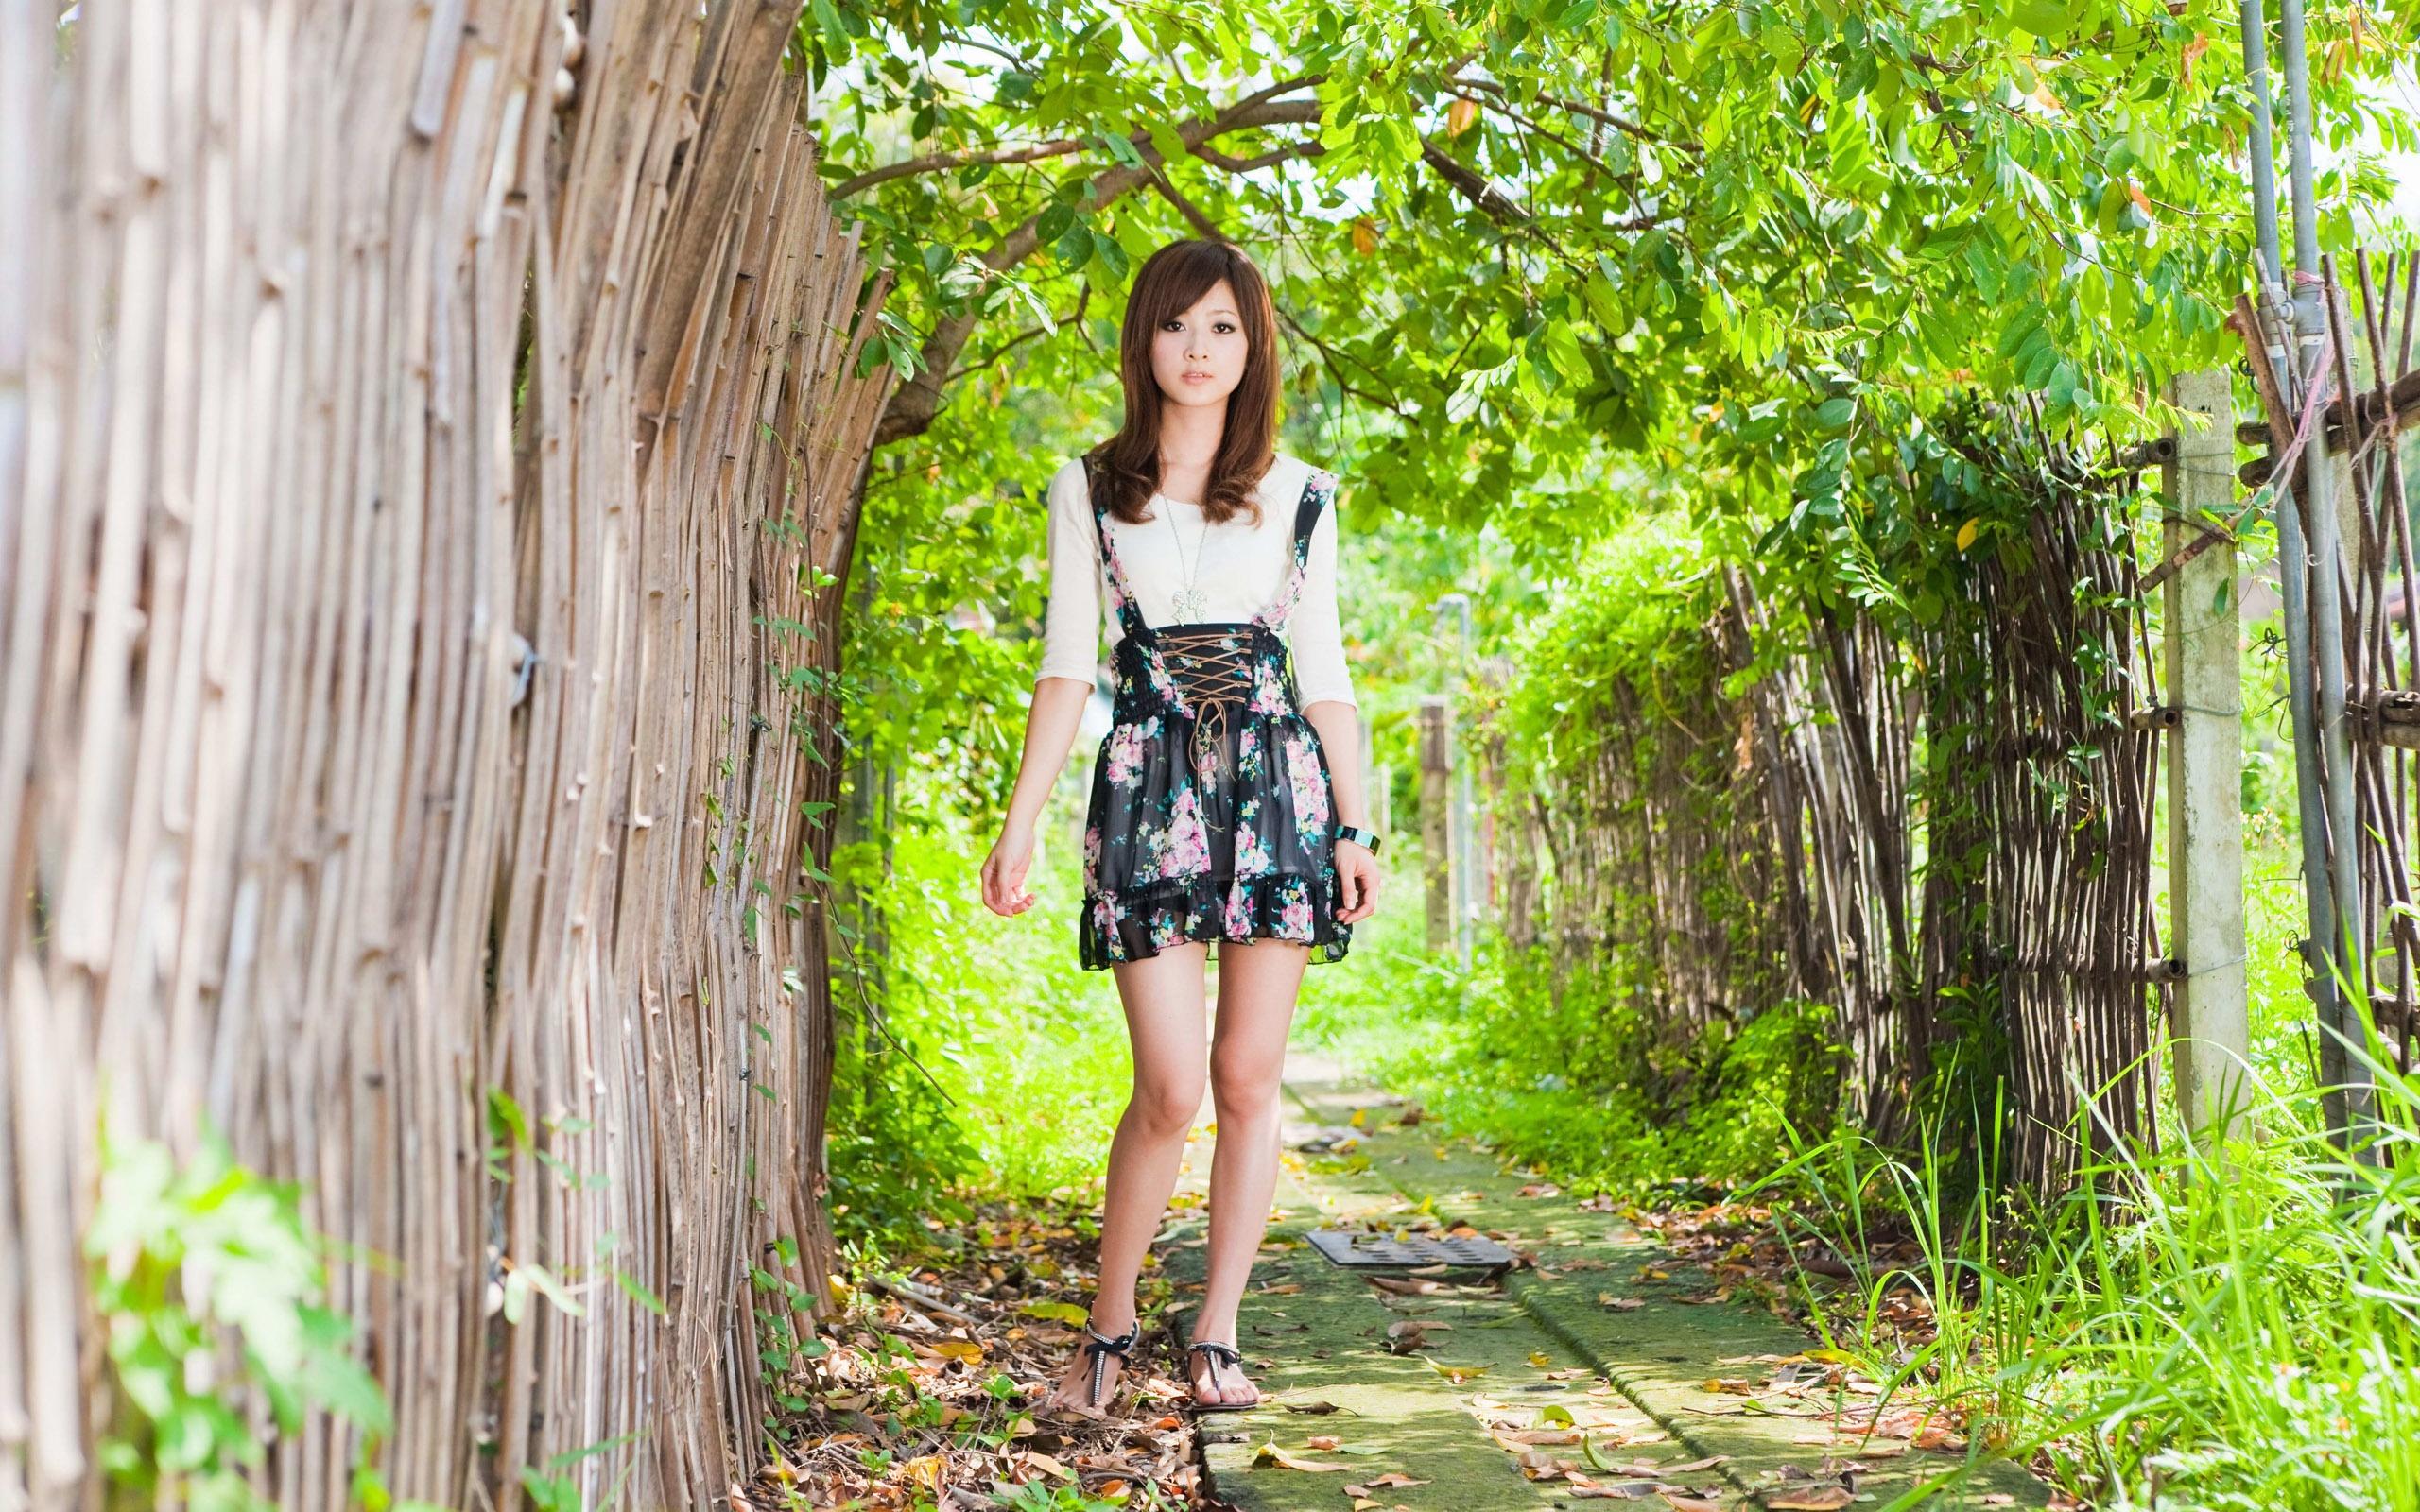 Японские девочки раздеваются 12 фотография